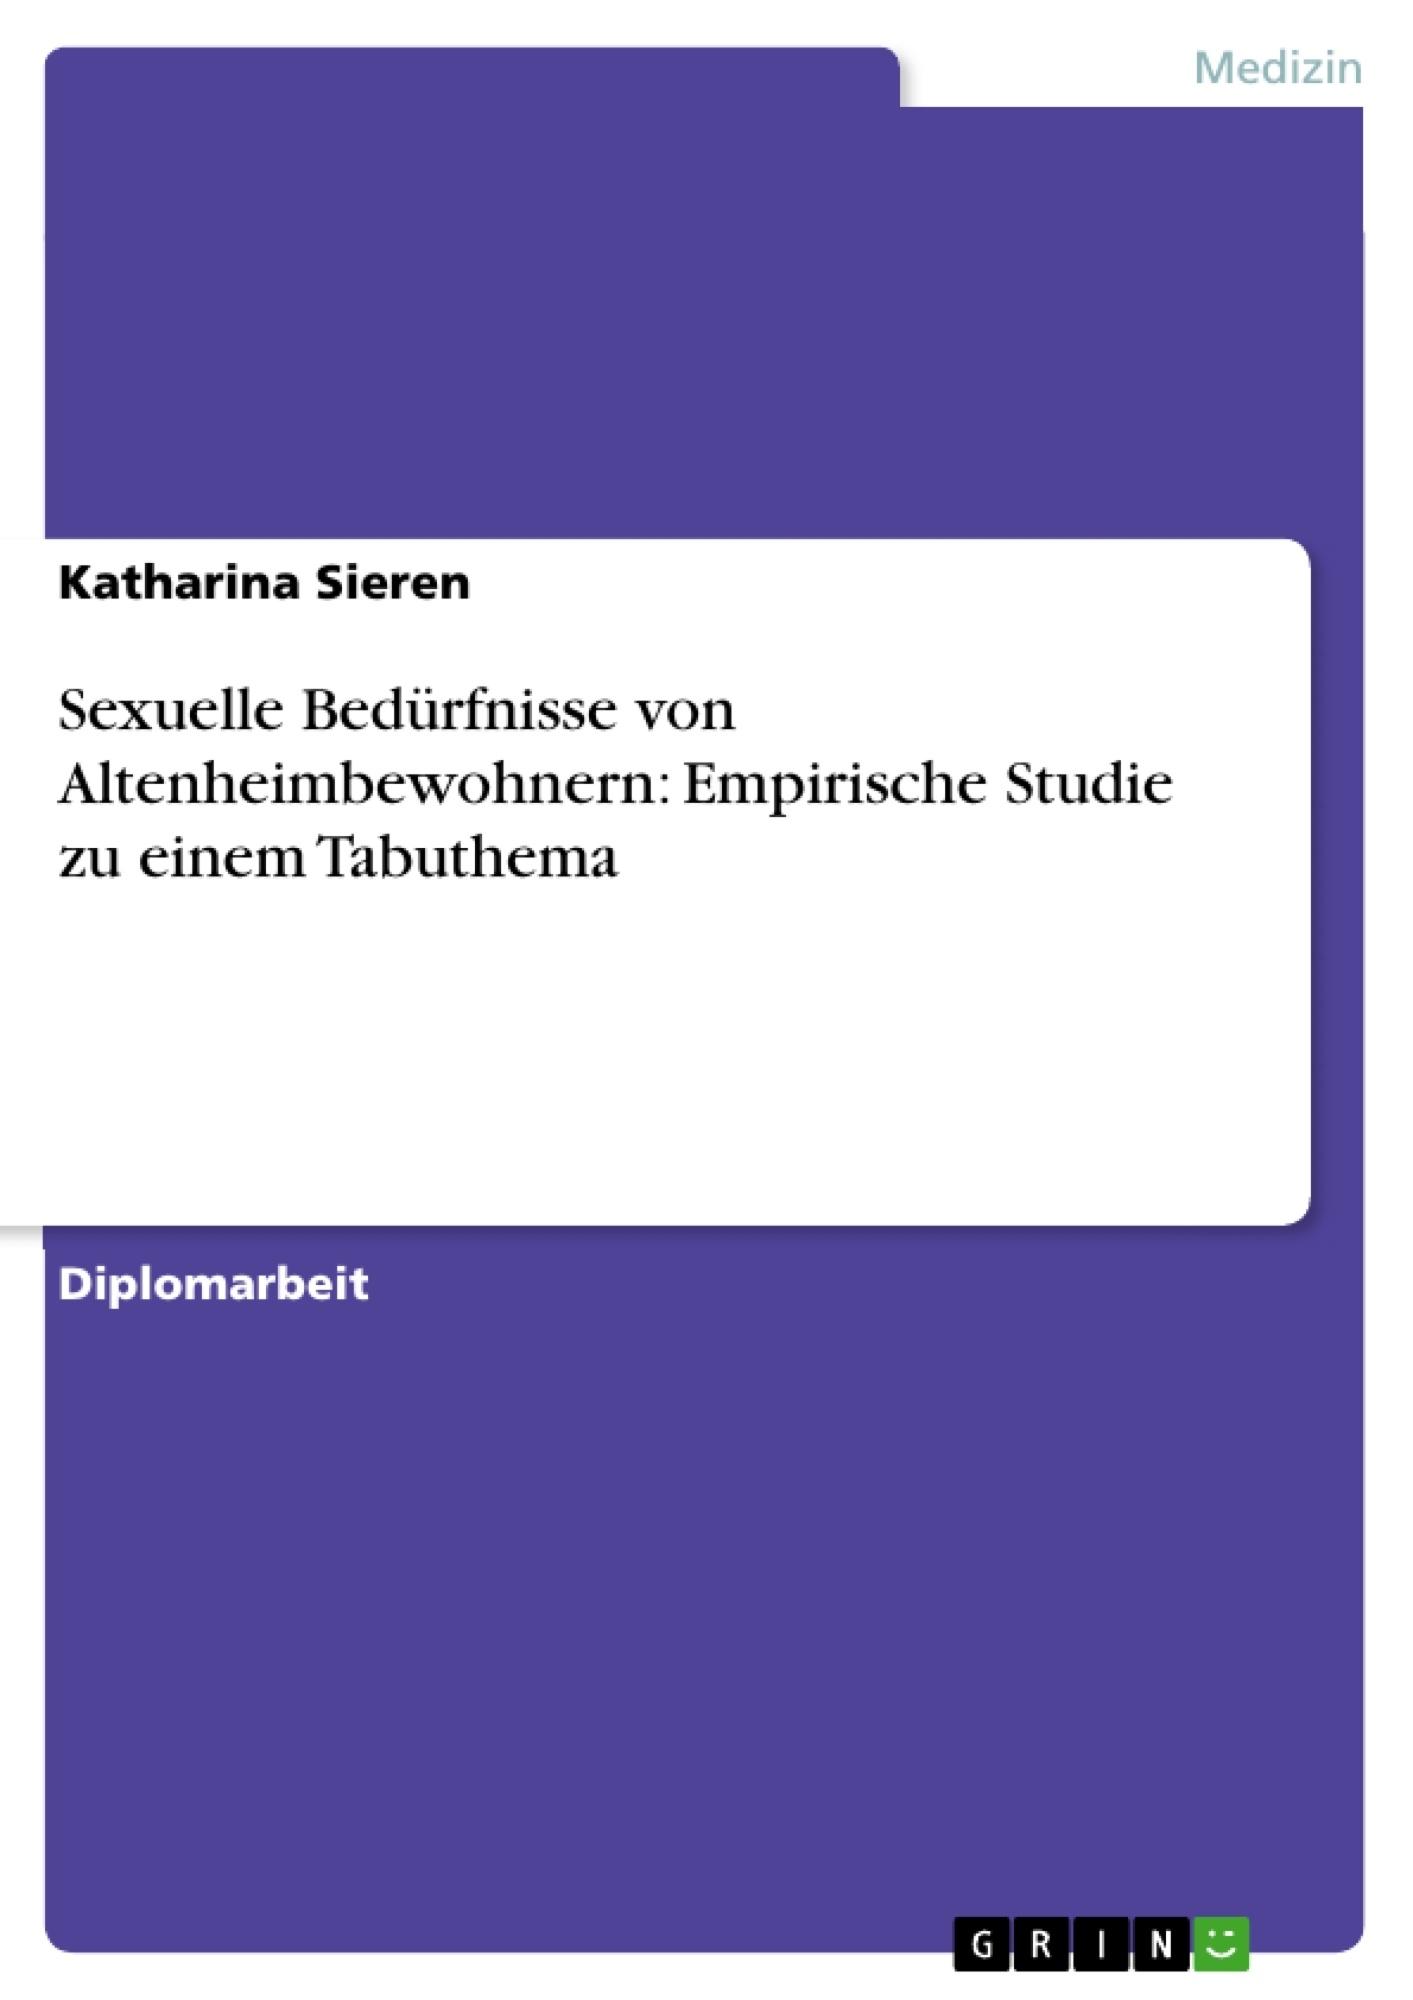 Titel: Sexuelle Bedürfnisse von Altenheimbewohnern: Empirische Studie zu einem Tabuthema